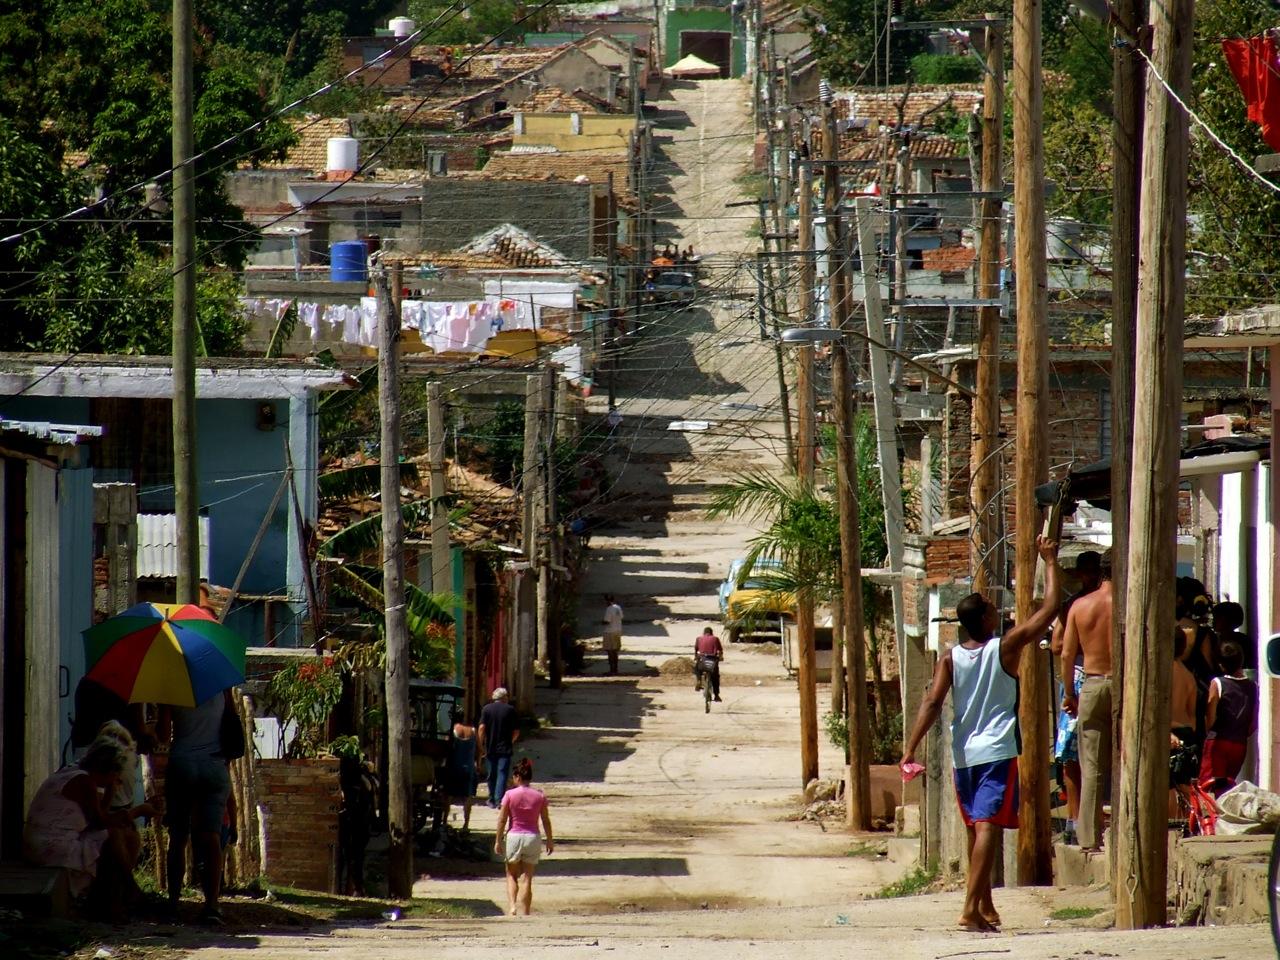 Cuba: fotos del acontecer diario - Página 6 3234274091_8a7f0d058a_o